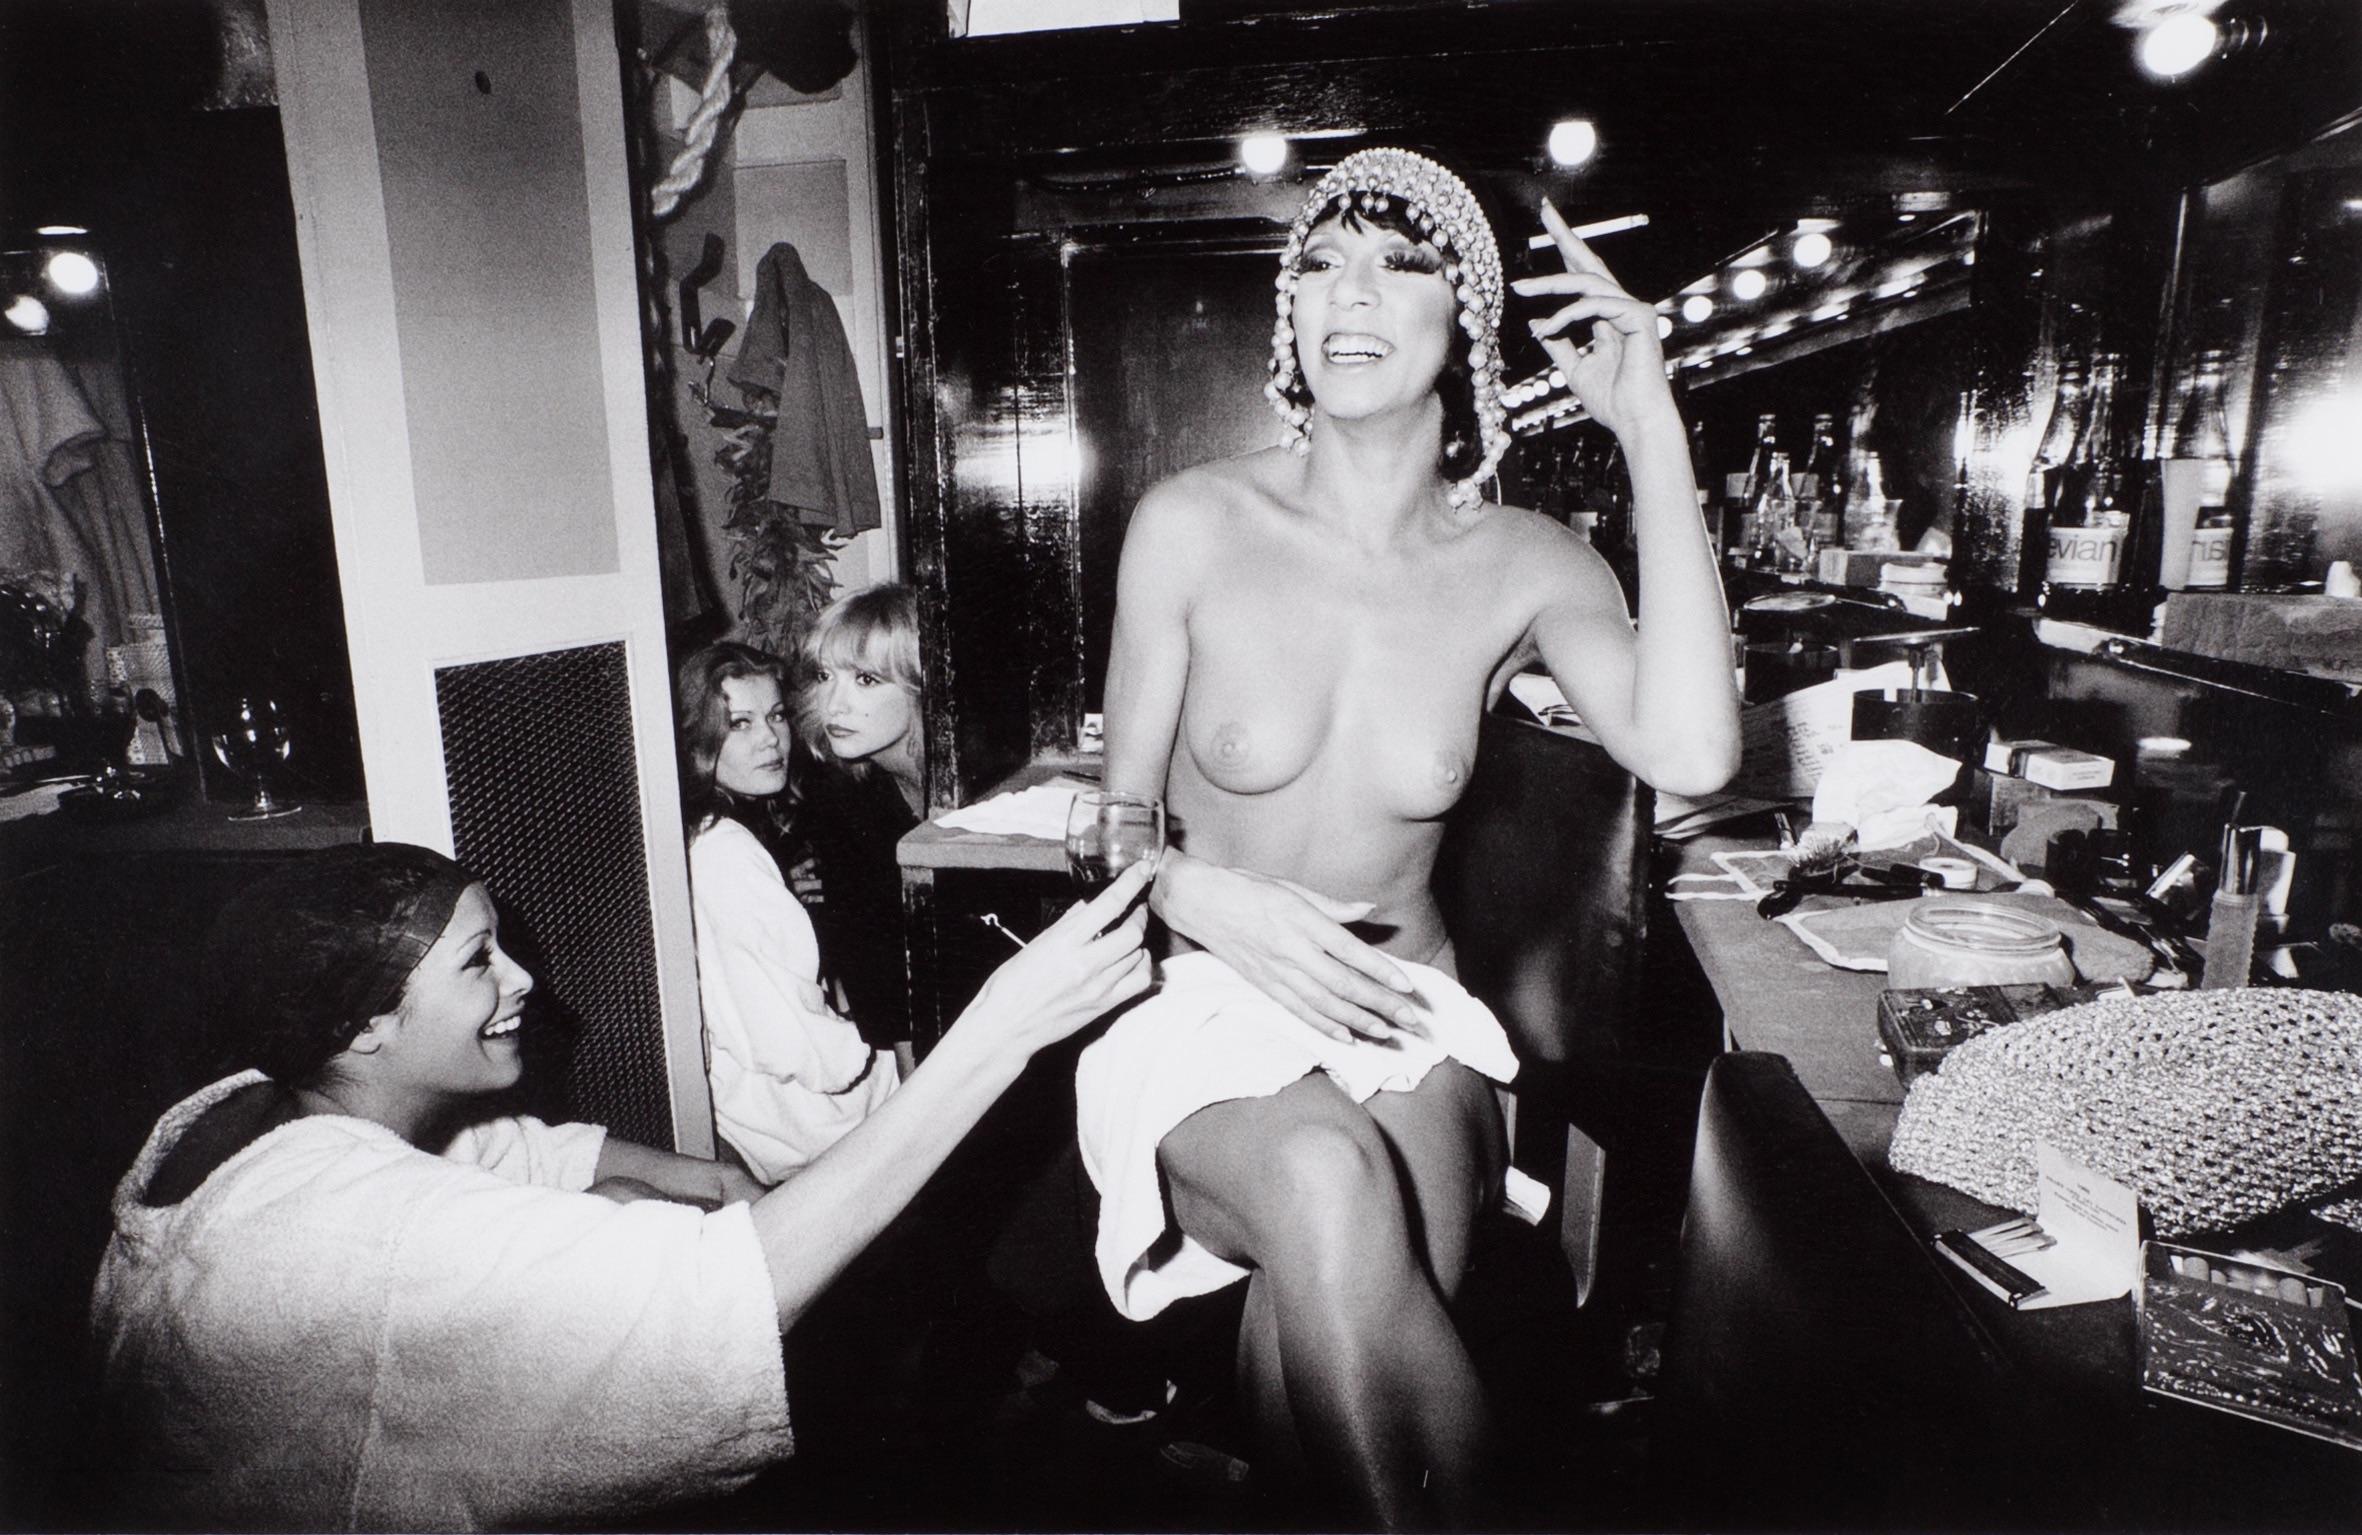 Fotó: Timm Rautert: Crazy Horse I, 1976. Colección Per Amor a l'Art © Timm Rautert / VEGAP, València, 2021